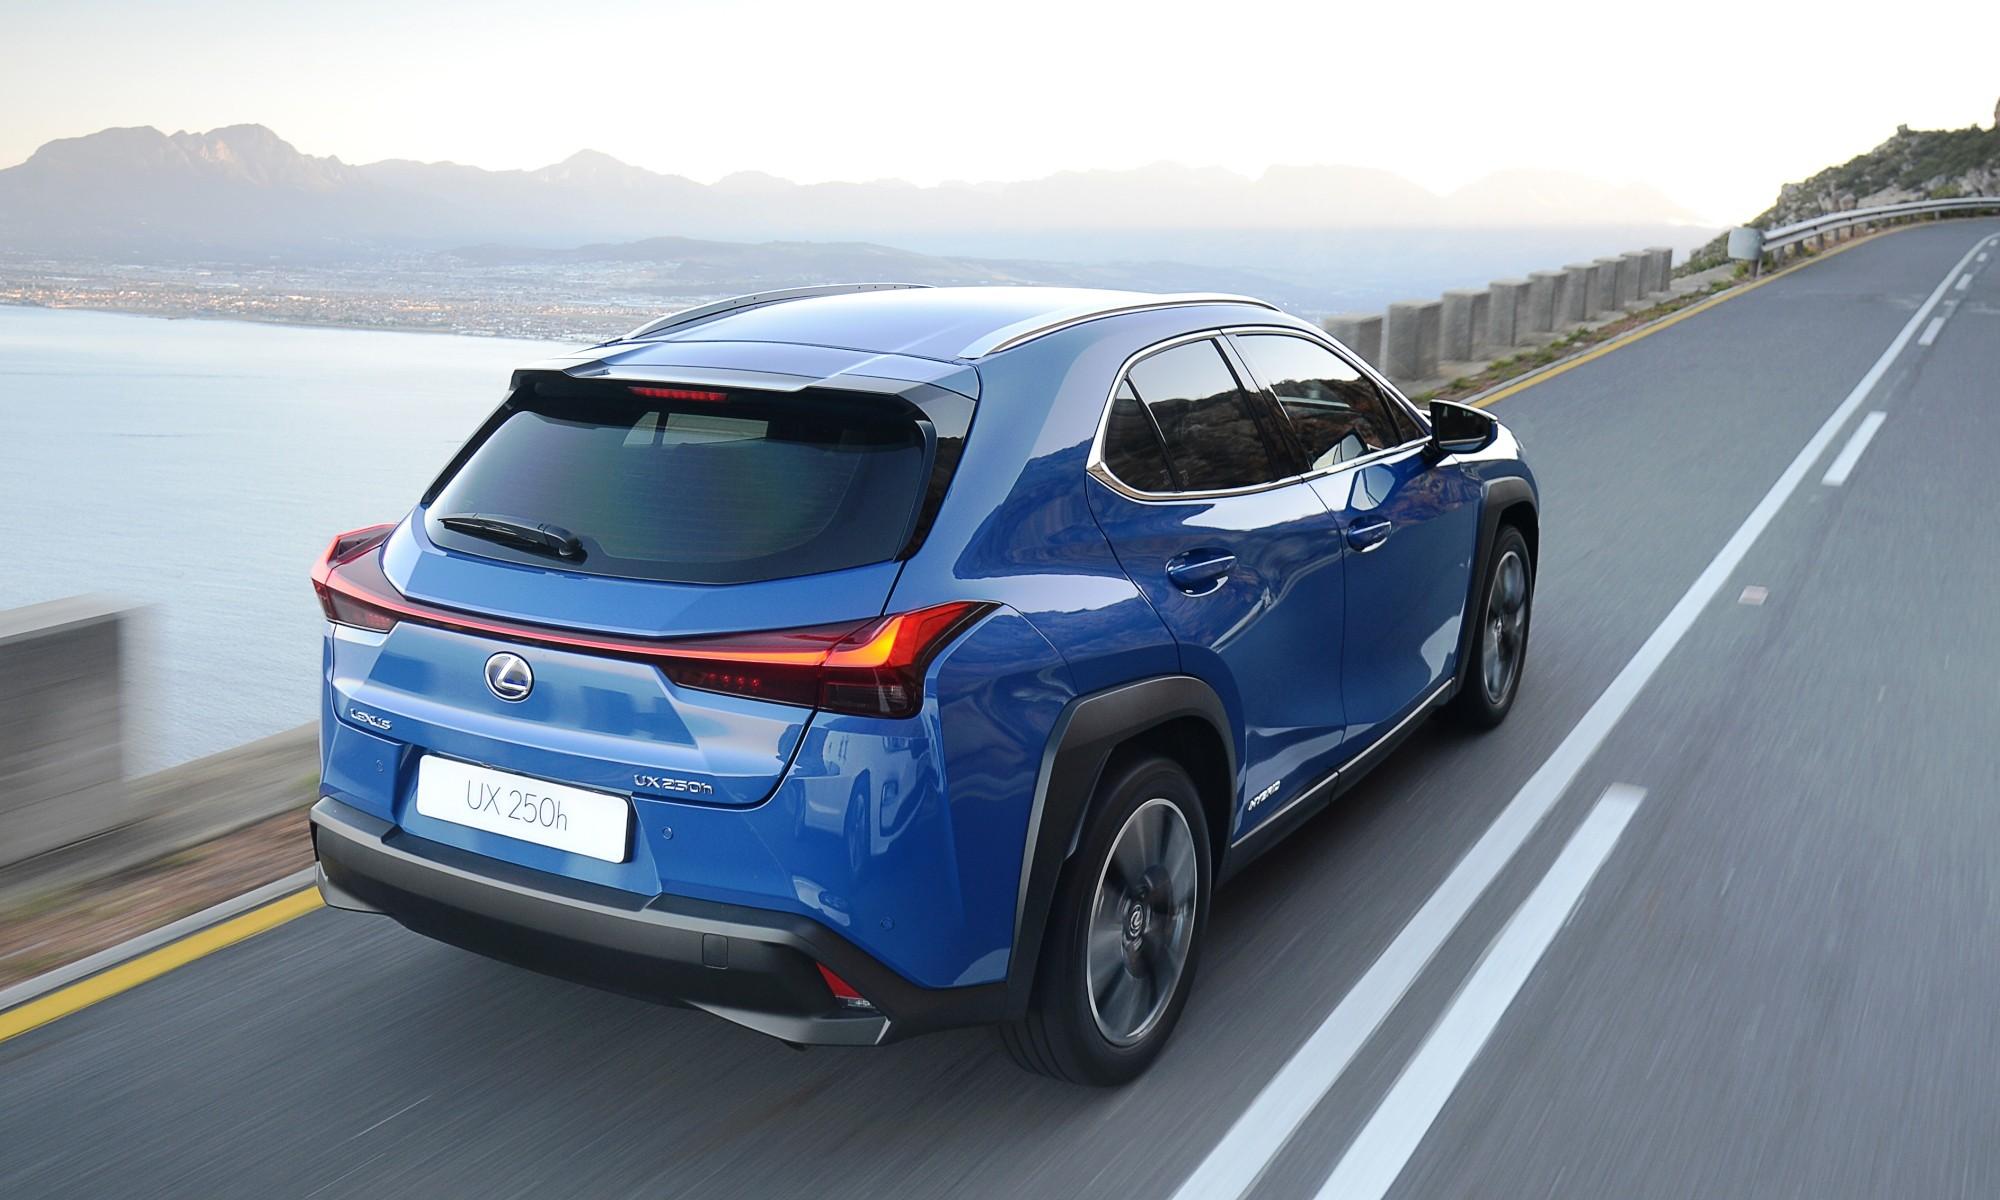 Lexus UX250h rear